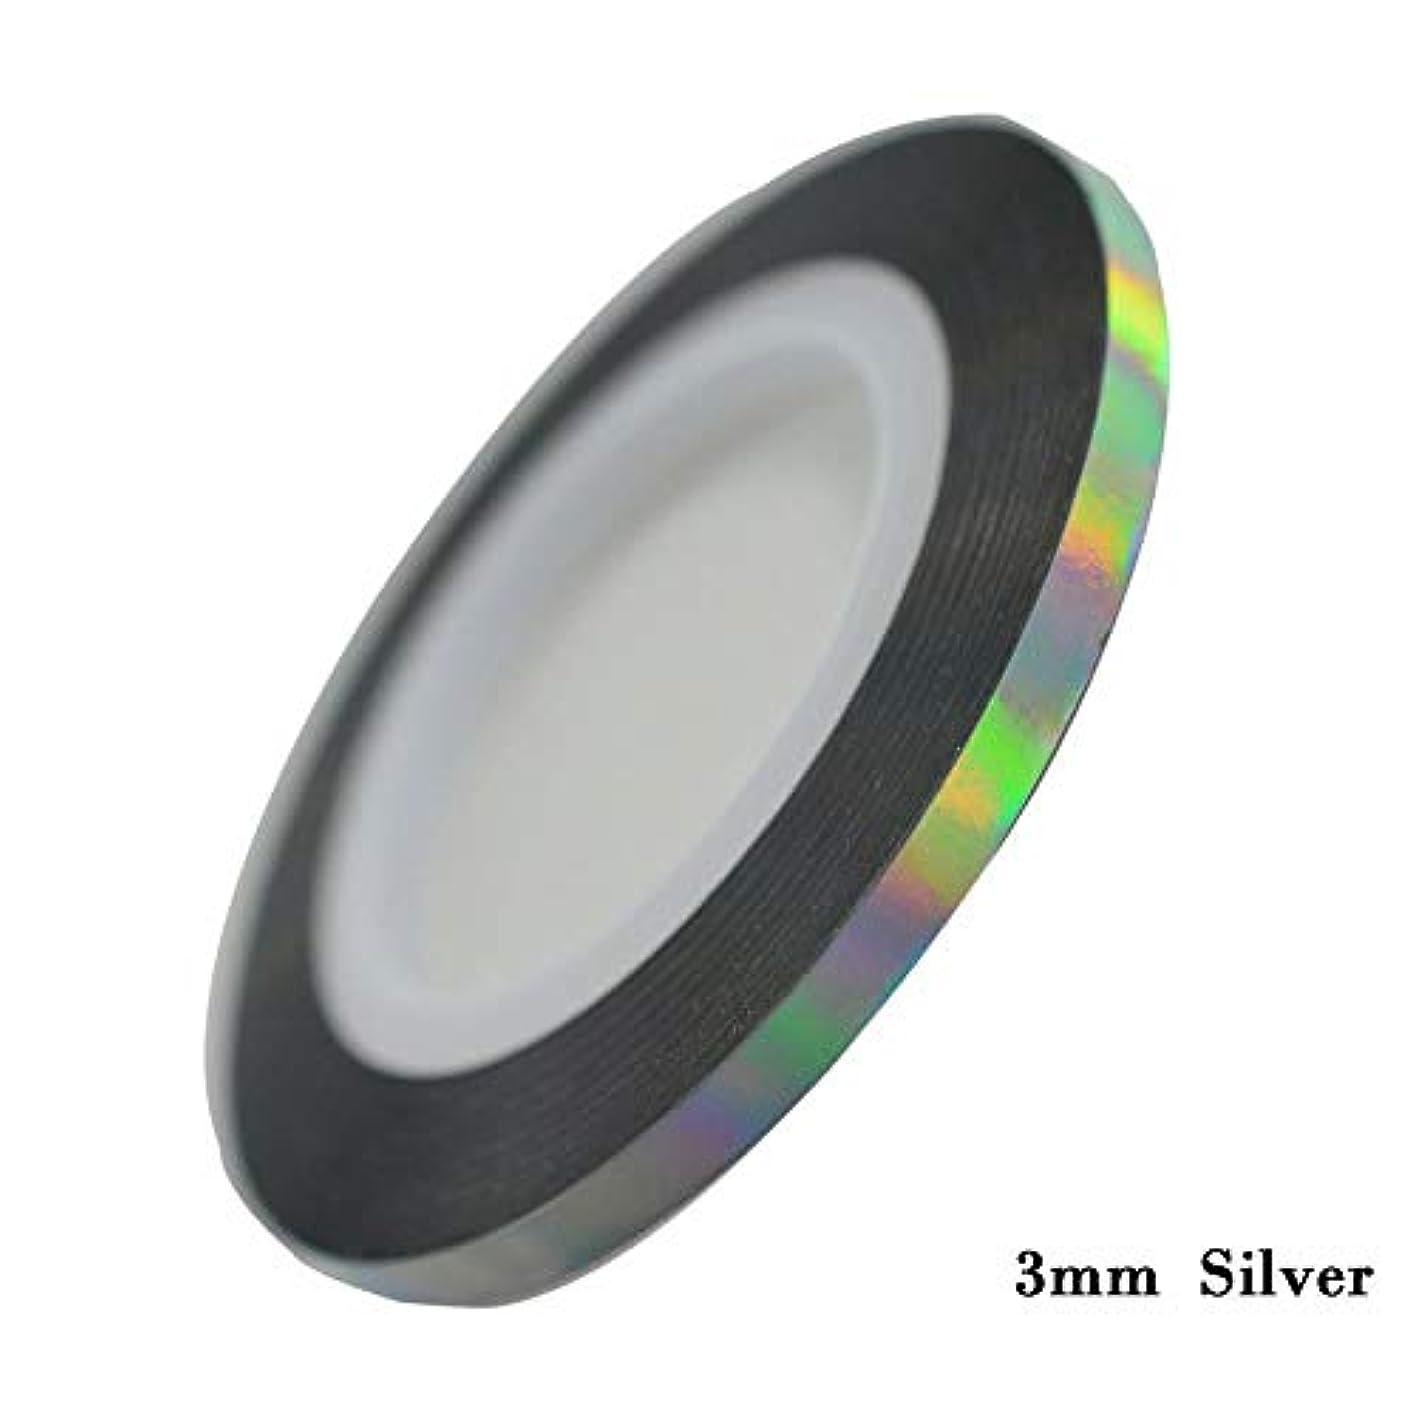 面白い葡萄適度なSUKTI&XIAO ネイルステッカー 1ロール新しい虹ネイルアートテープラインストライピング自己接着デカール箔ネイルステッカー装飾レーザー、3ミリメートルシルバー